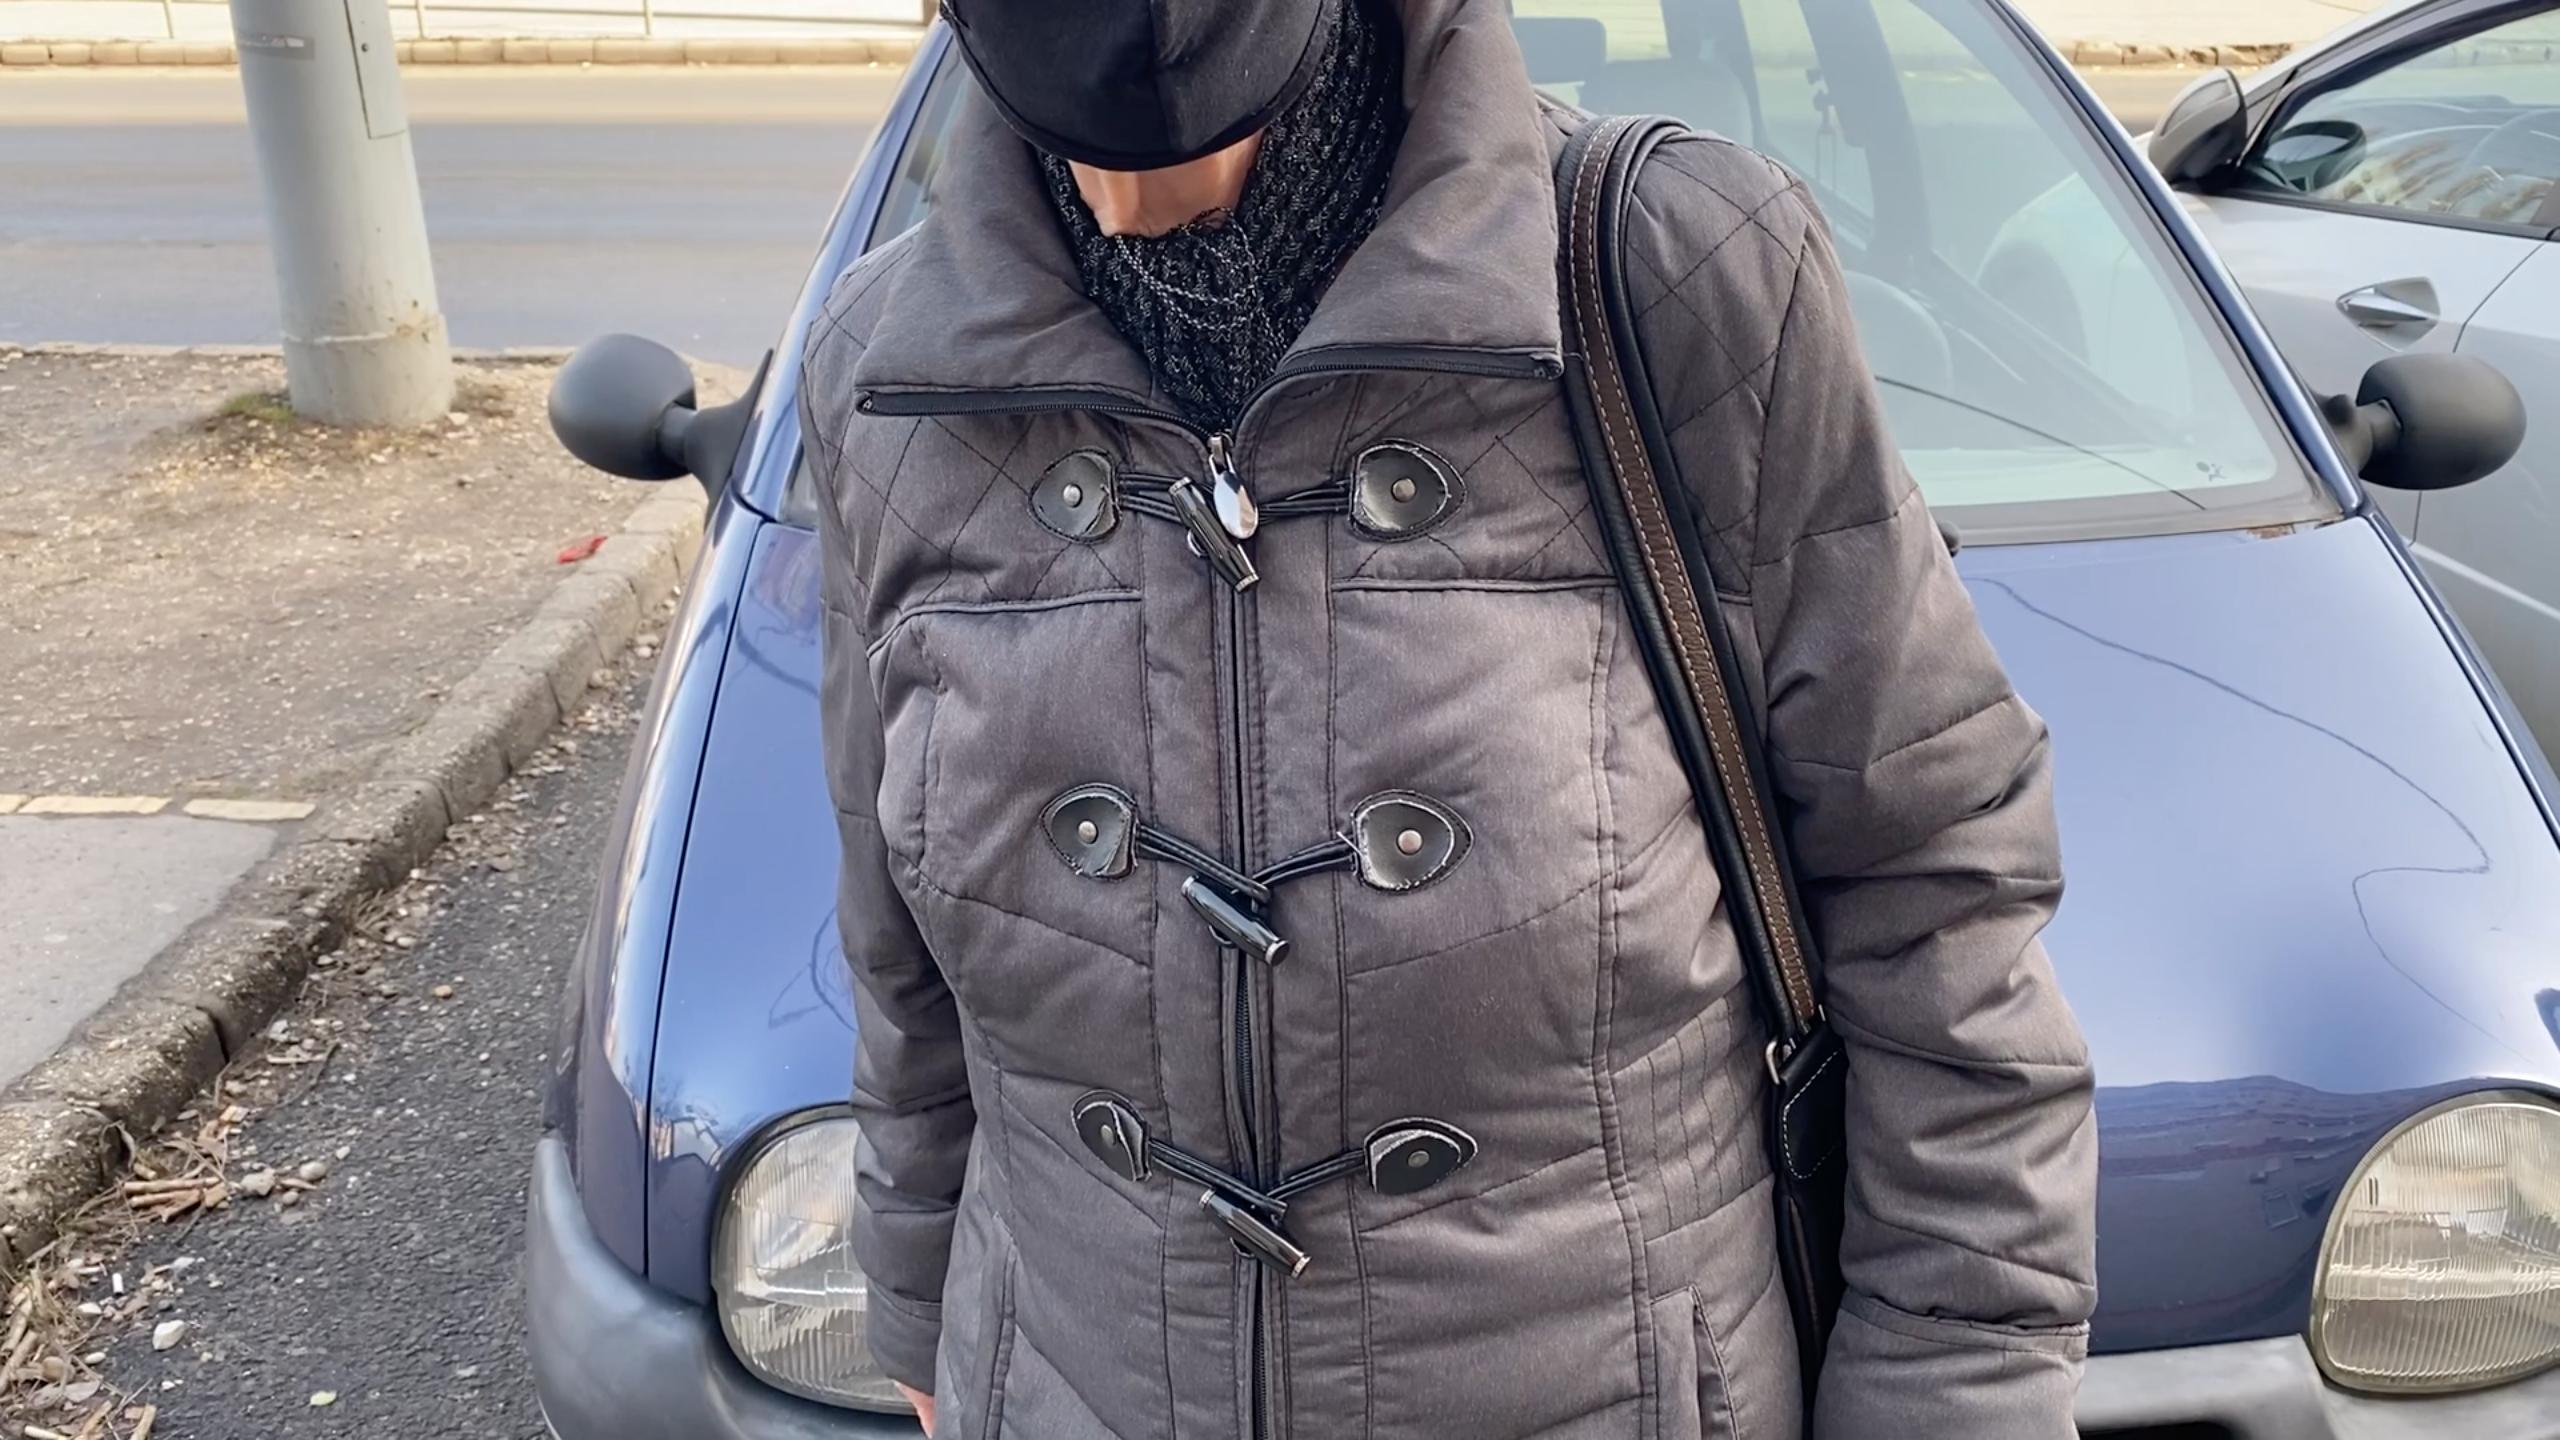 Az idős hölggyel a zuglói utcán találkoztunk, aki a Borsnak elmondta: fél az oltással házaló csalóktól